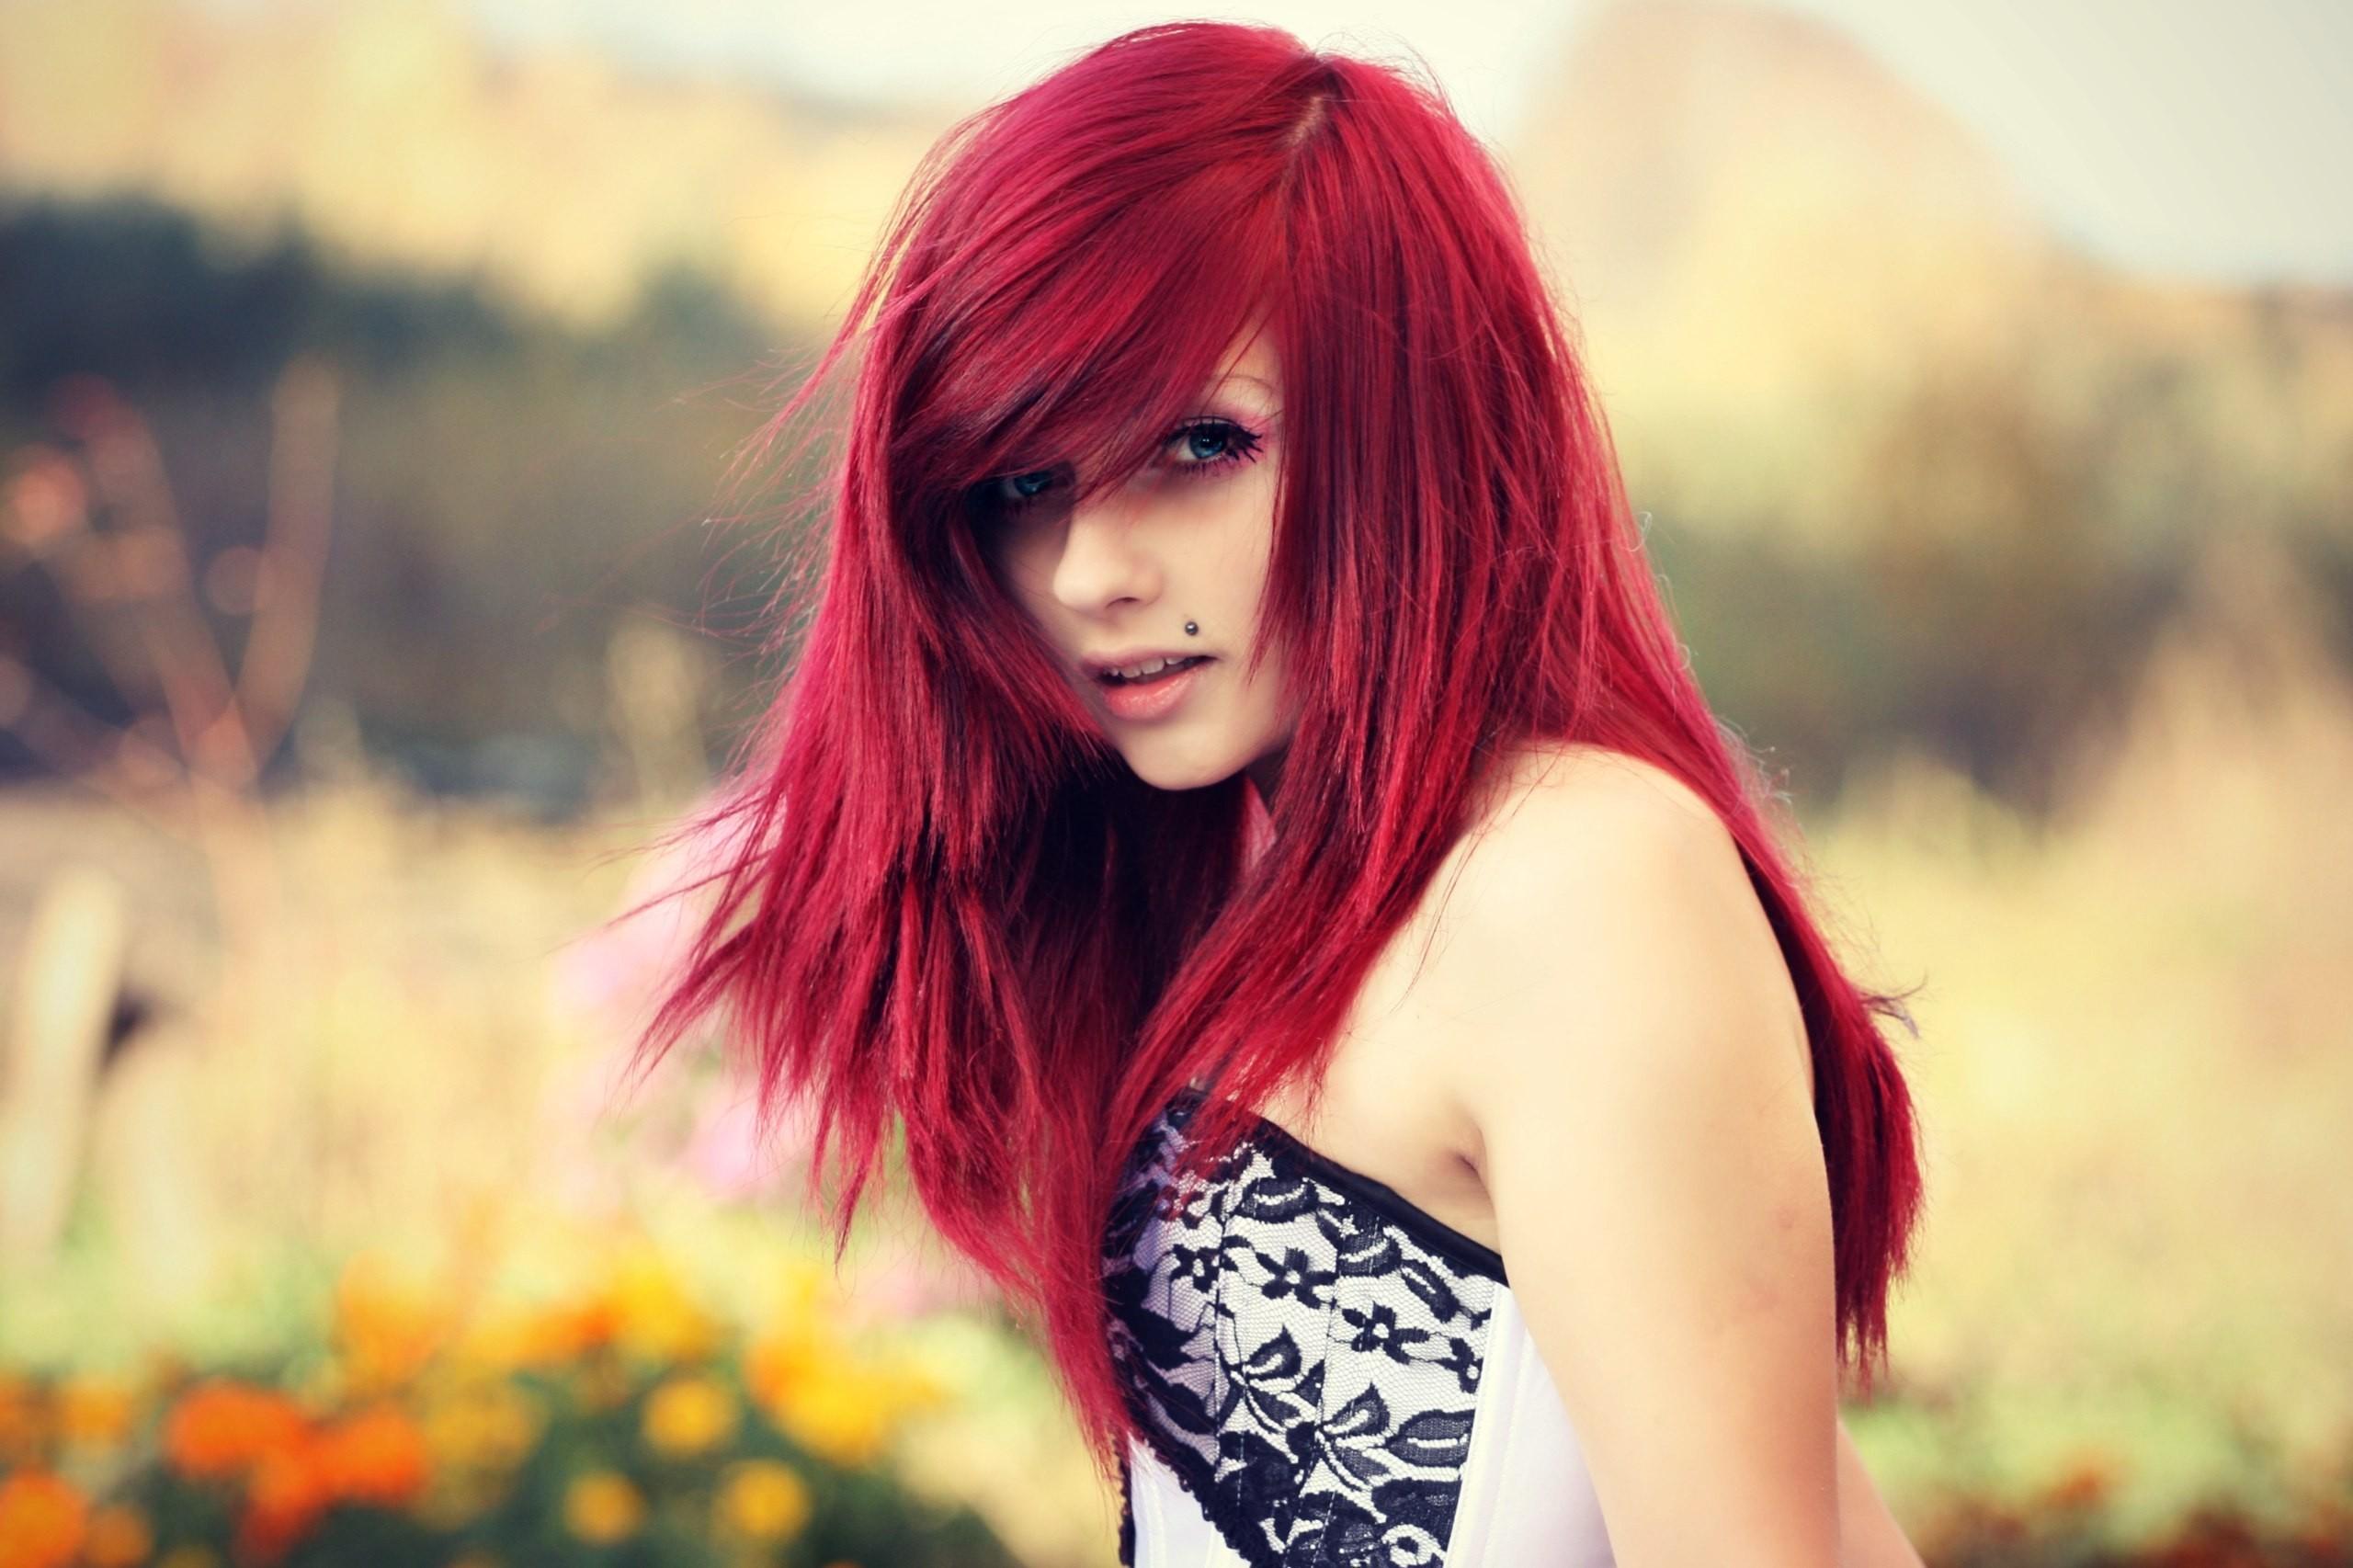 волосы красного цвета картинки строгий стиль, который